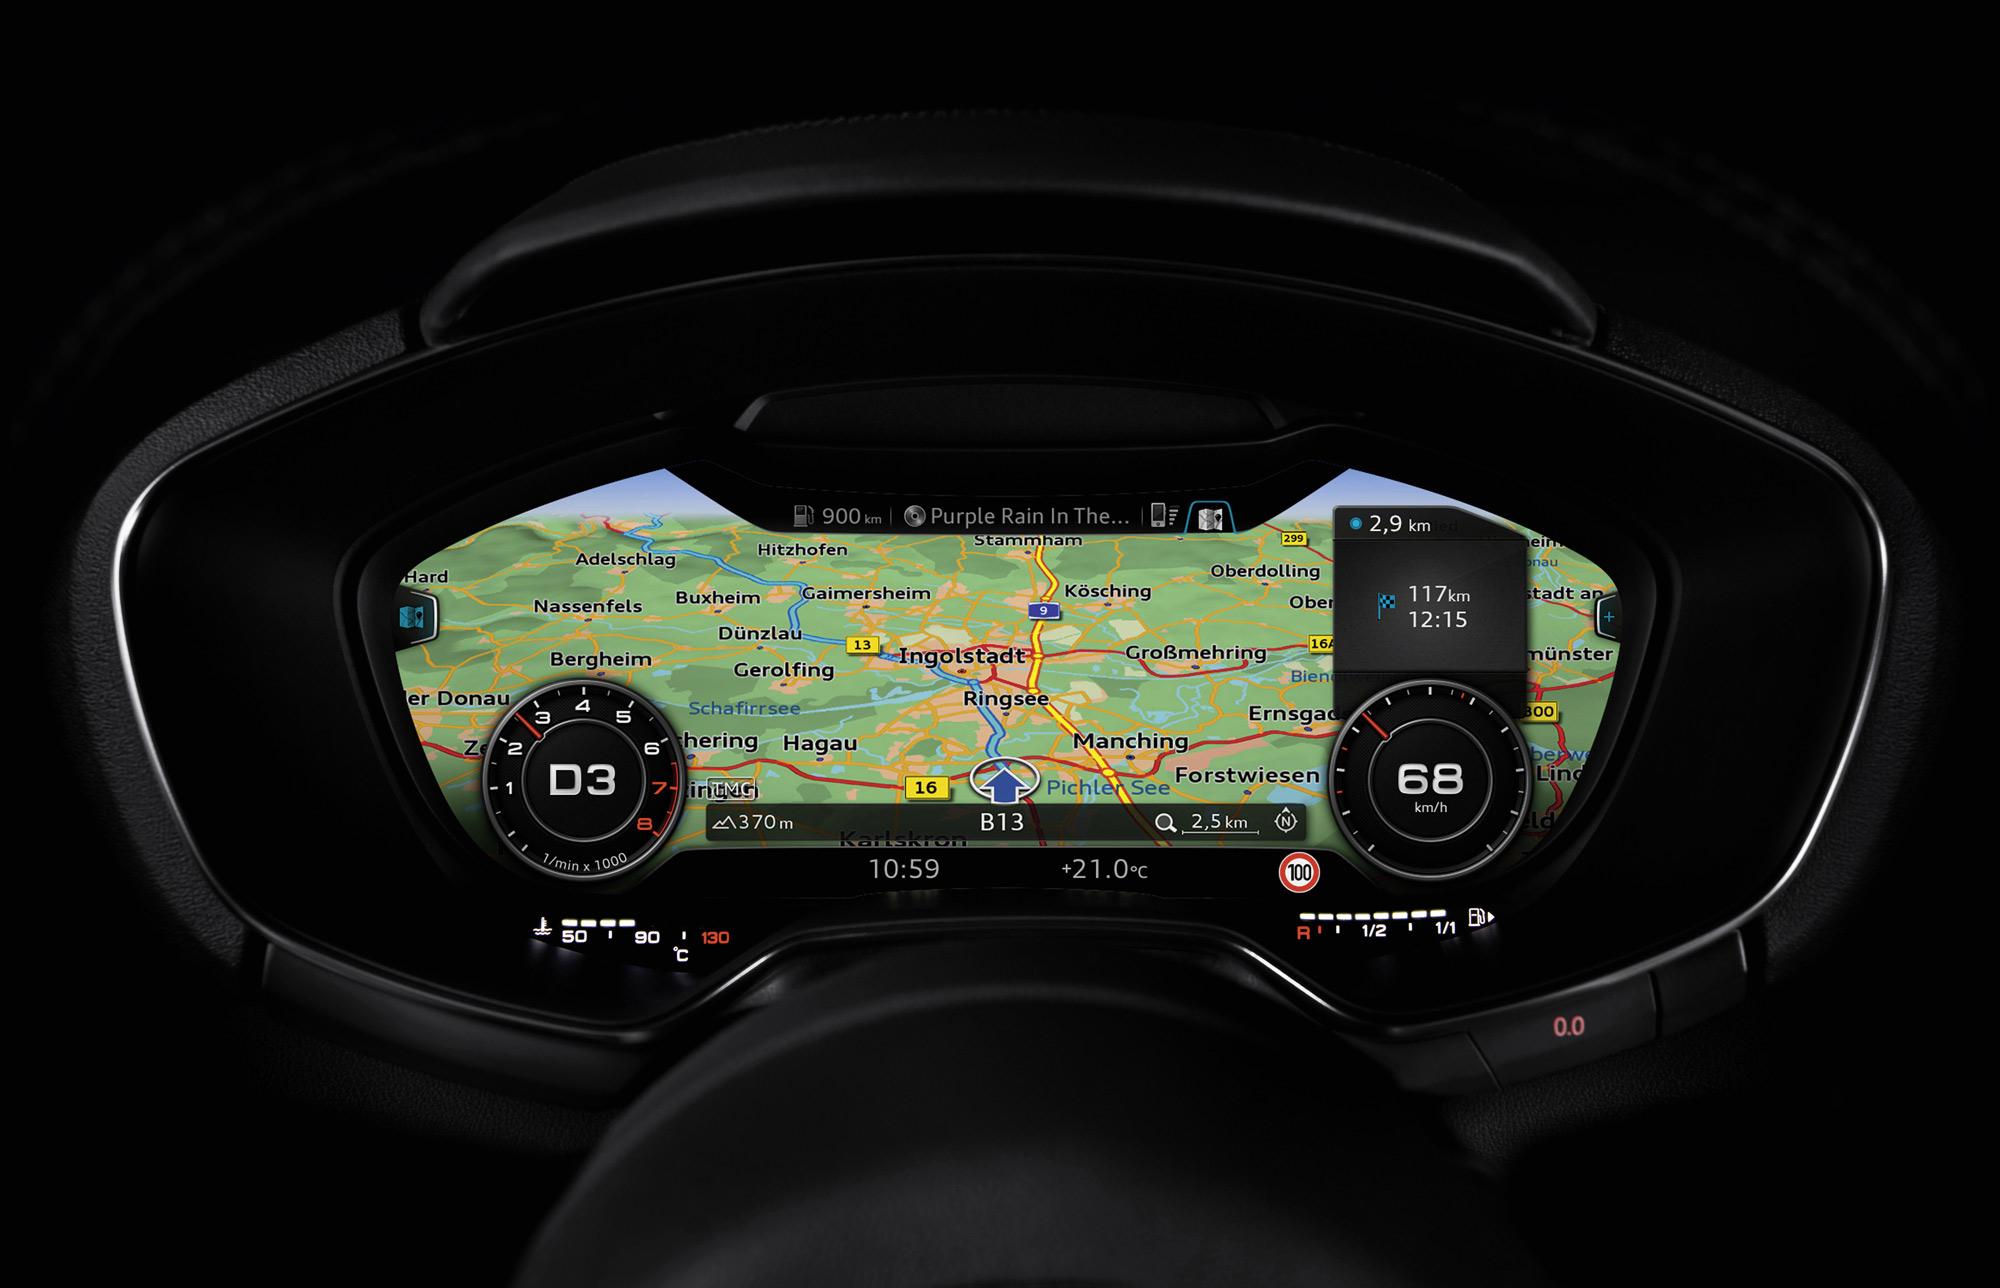 Audi cockpit details